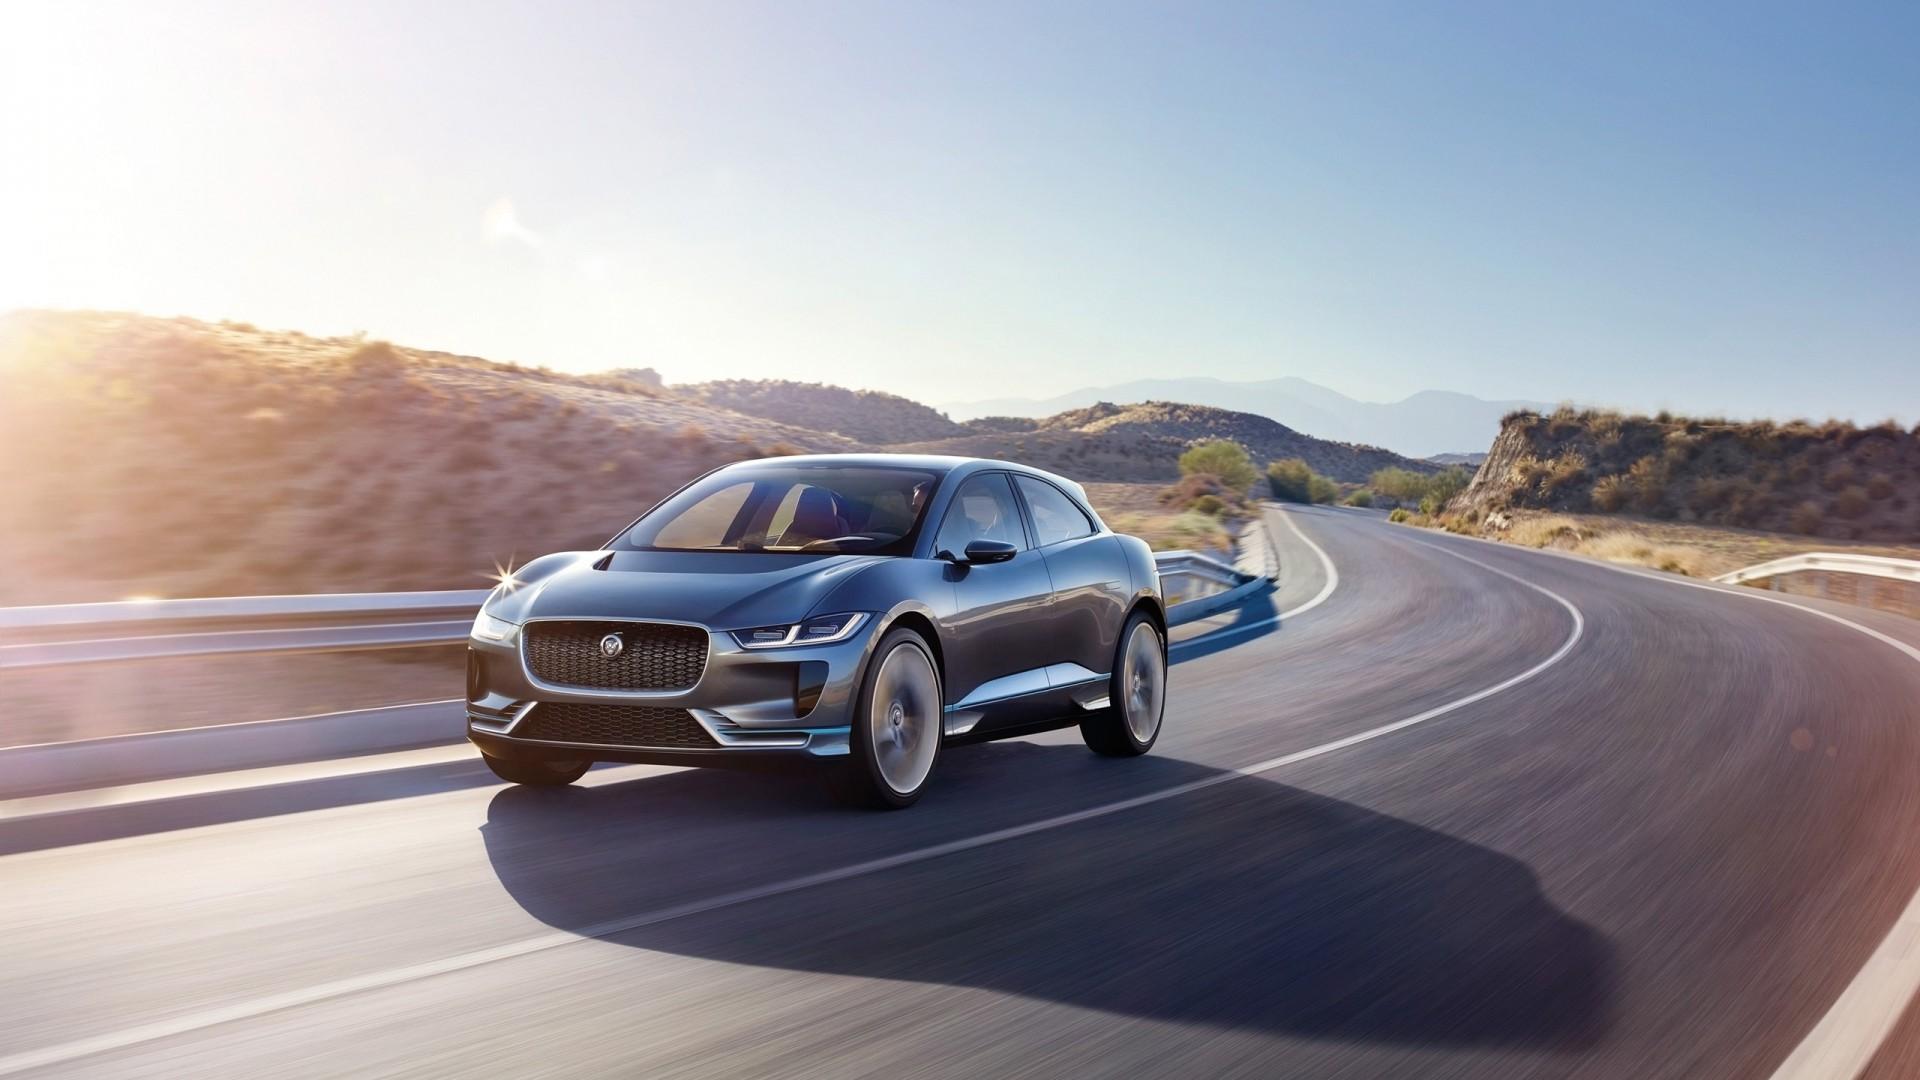 2018 Jaguar I Pace Concept Wallpaper   HD Car Wallpapers ...